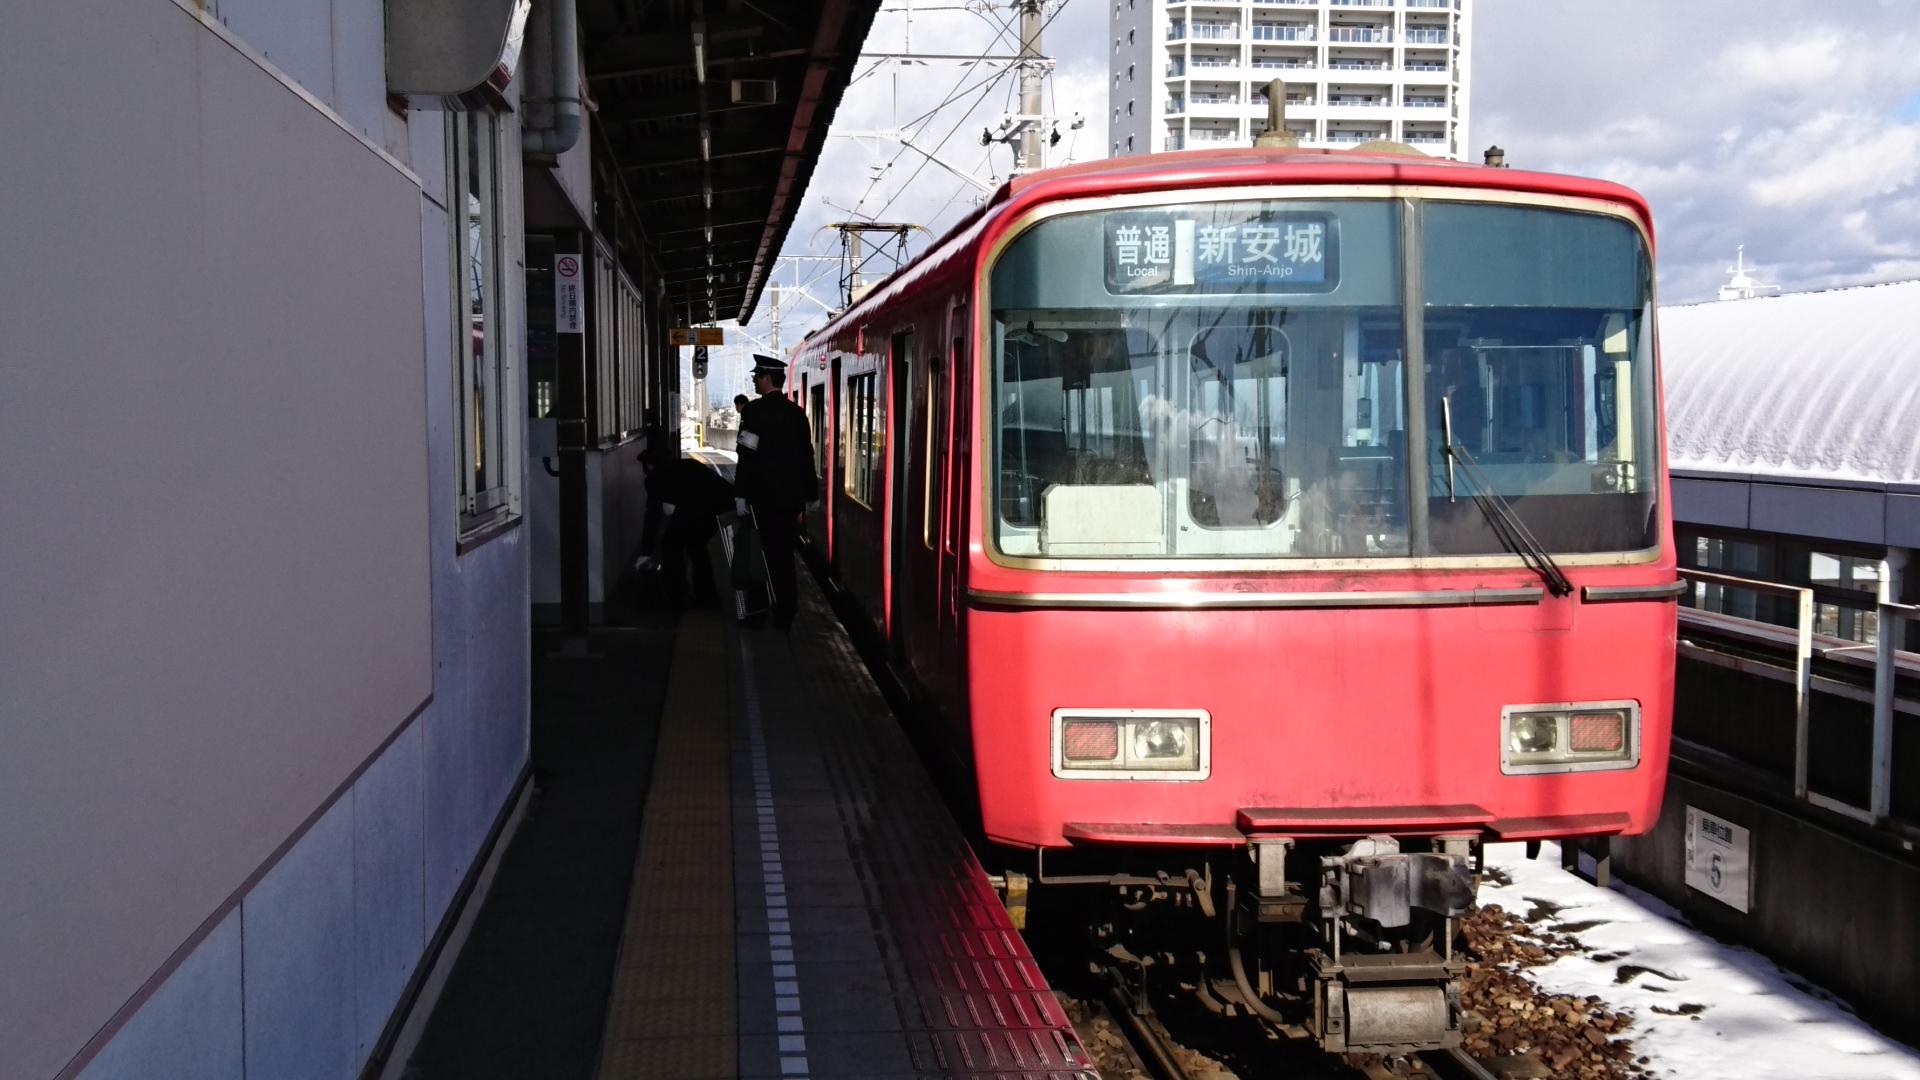 2017.1.15 西尾線 (16) 西尾 - しんあんじょういきふつう 1920-1080